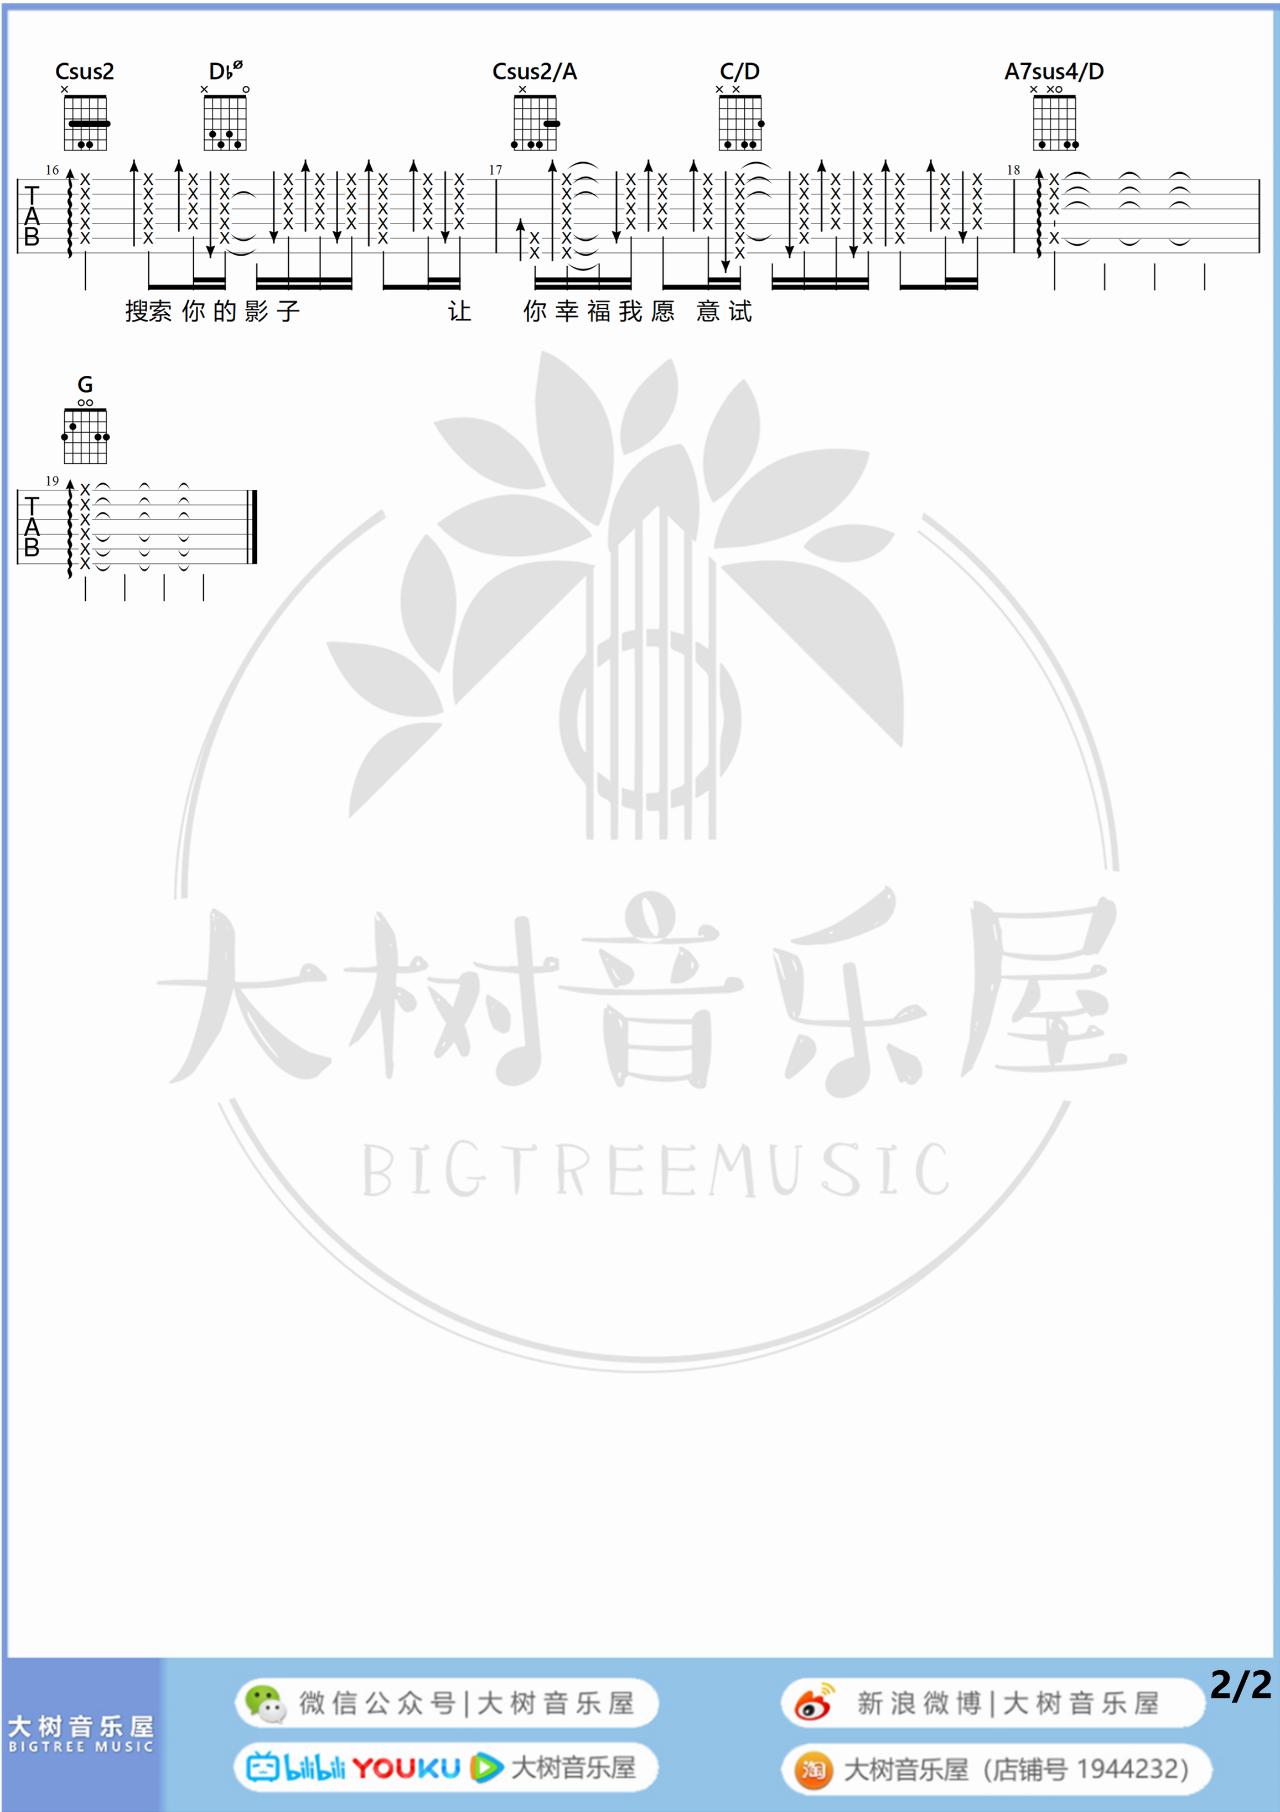 吉他派《爱就一个字》吉他六线谱-2